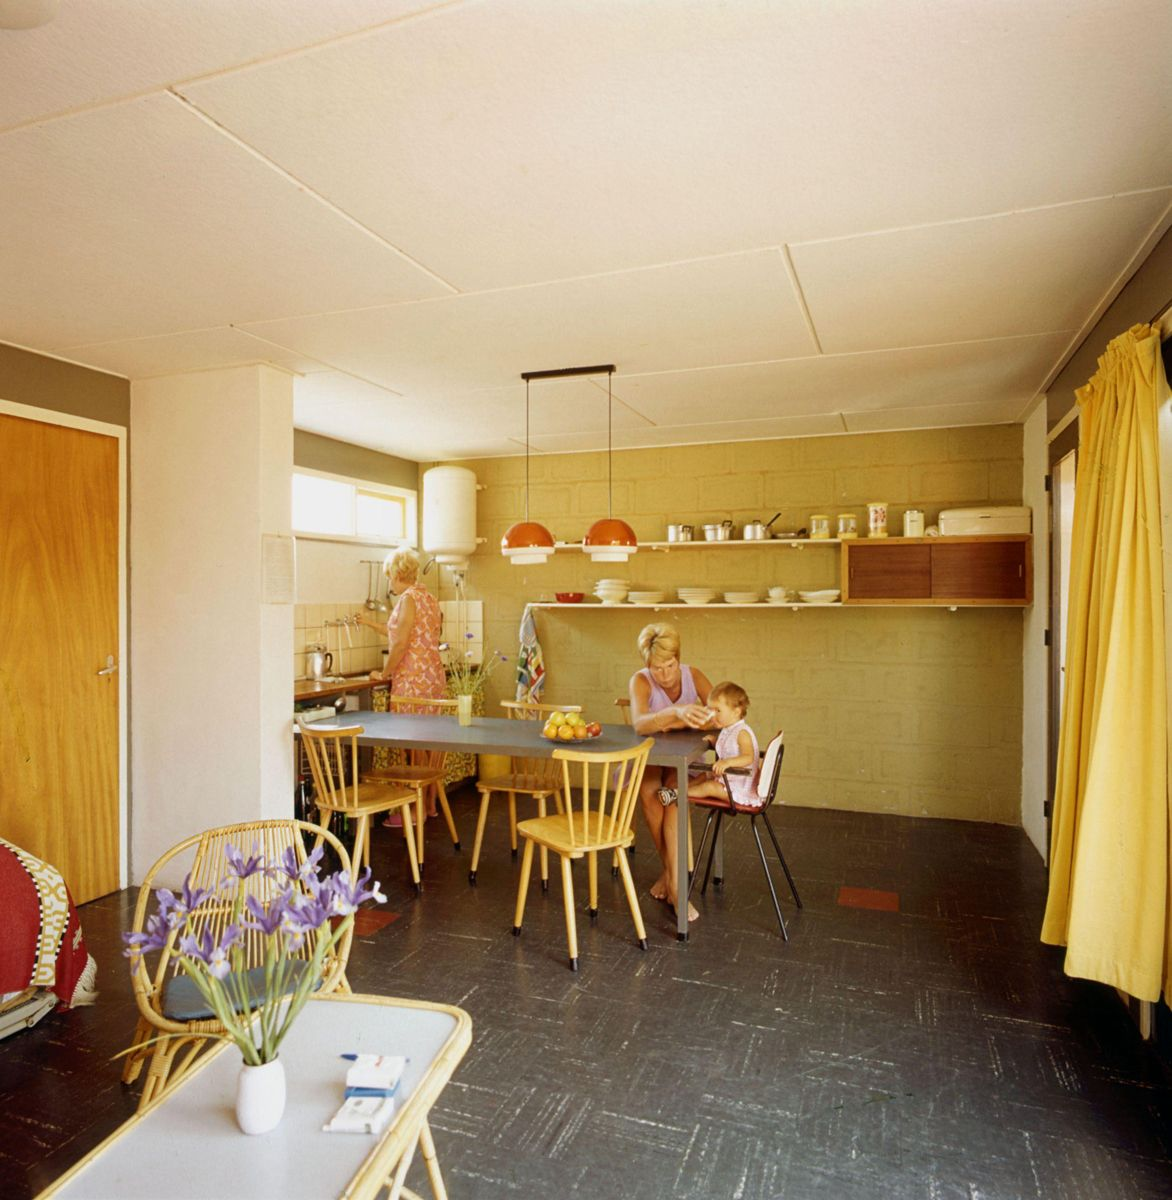 Beroemd Twee vrouwen en kind in vakantiehuisje, jaren '60-'70. Interieur @PU67